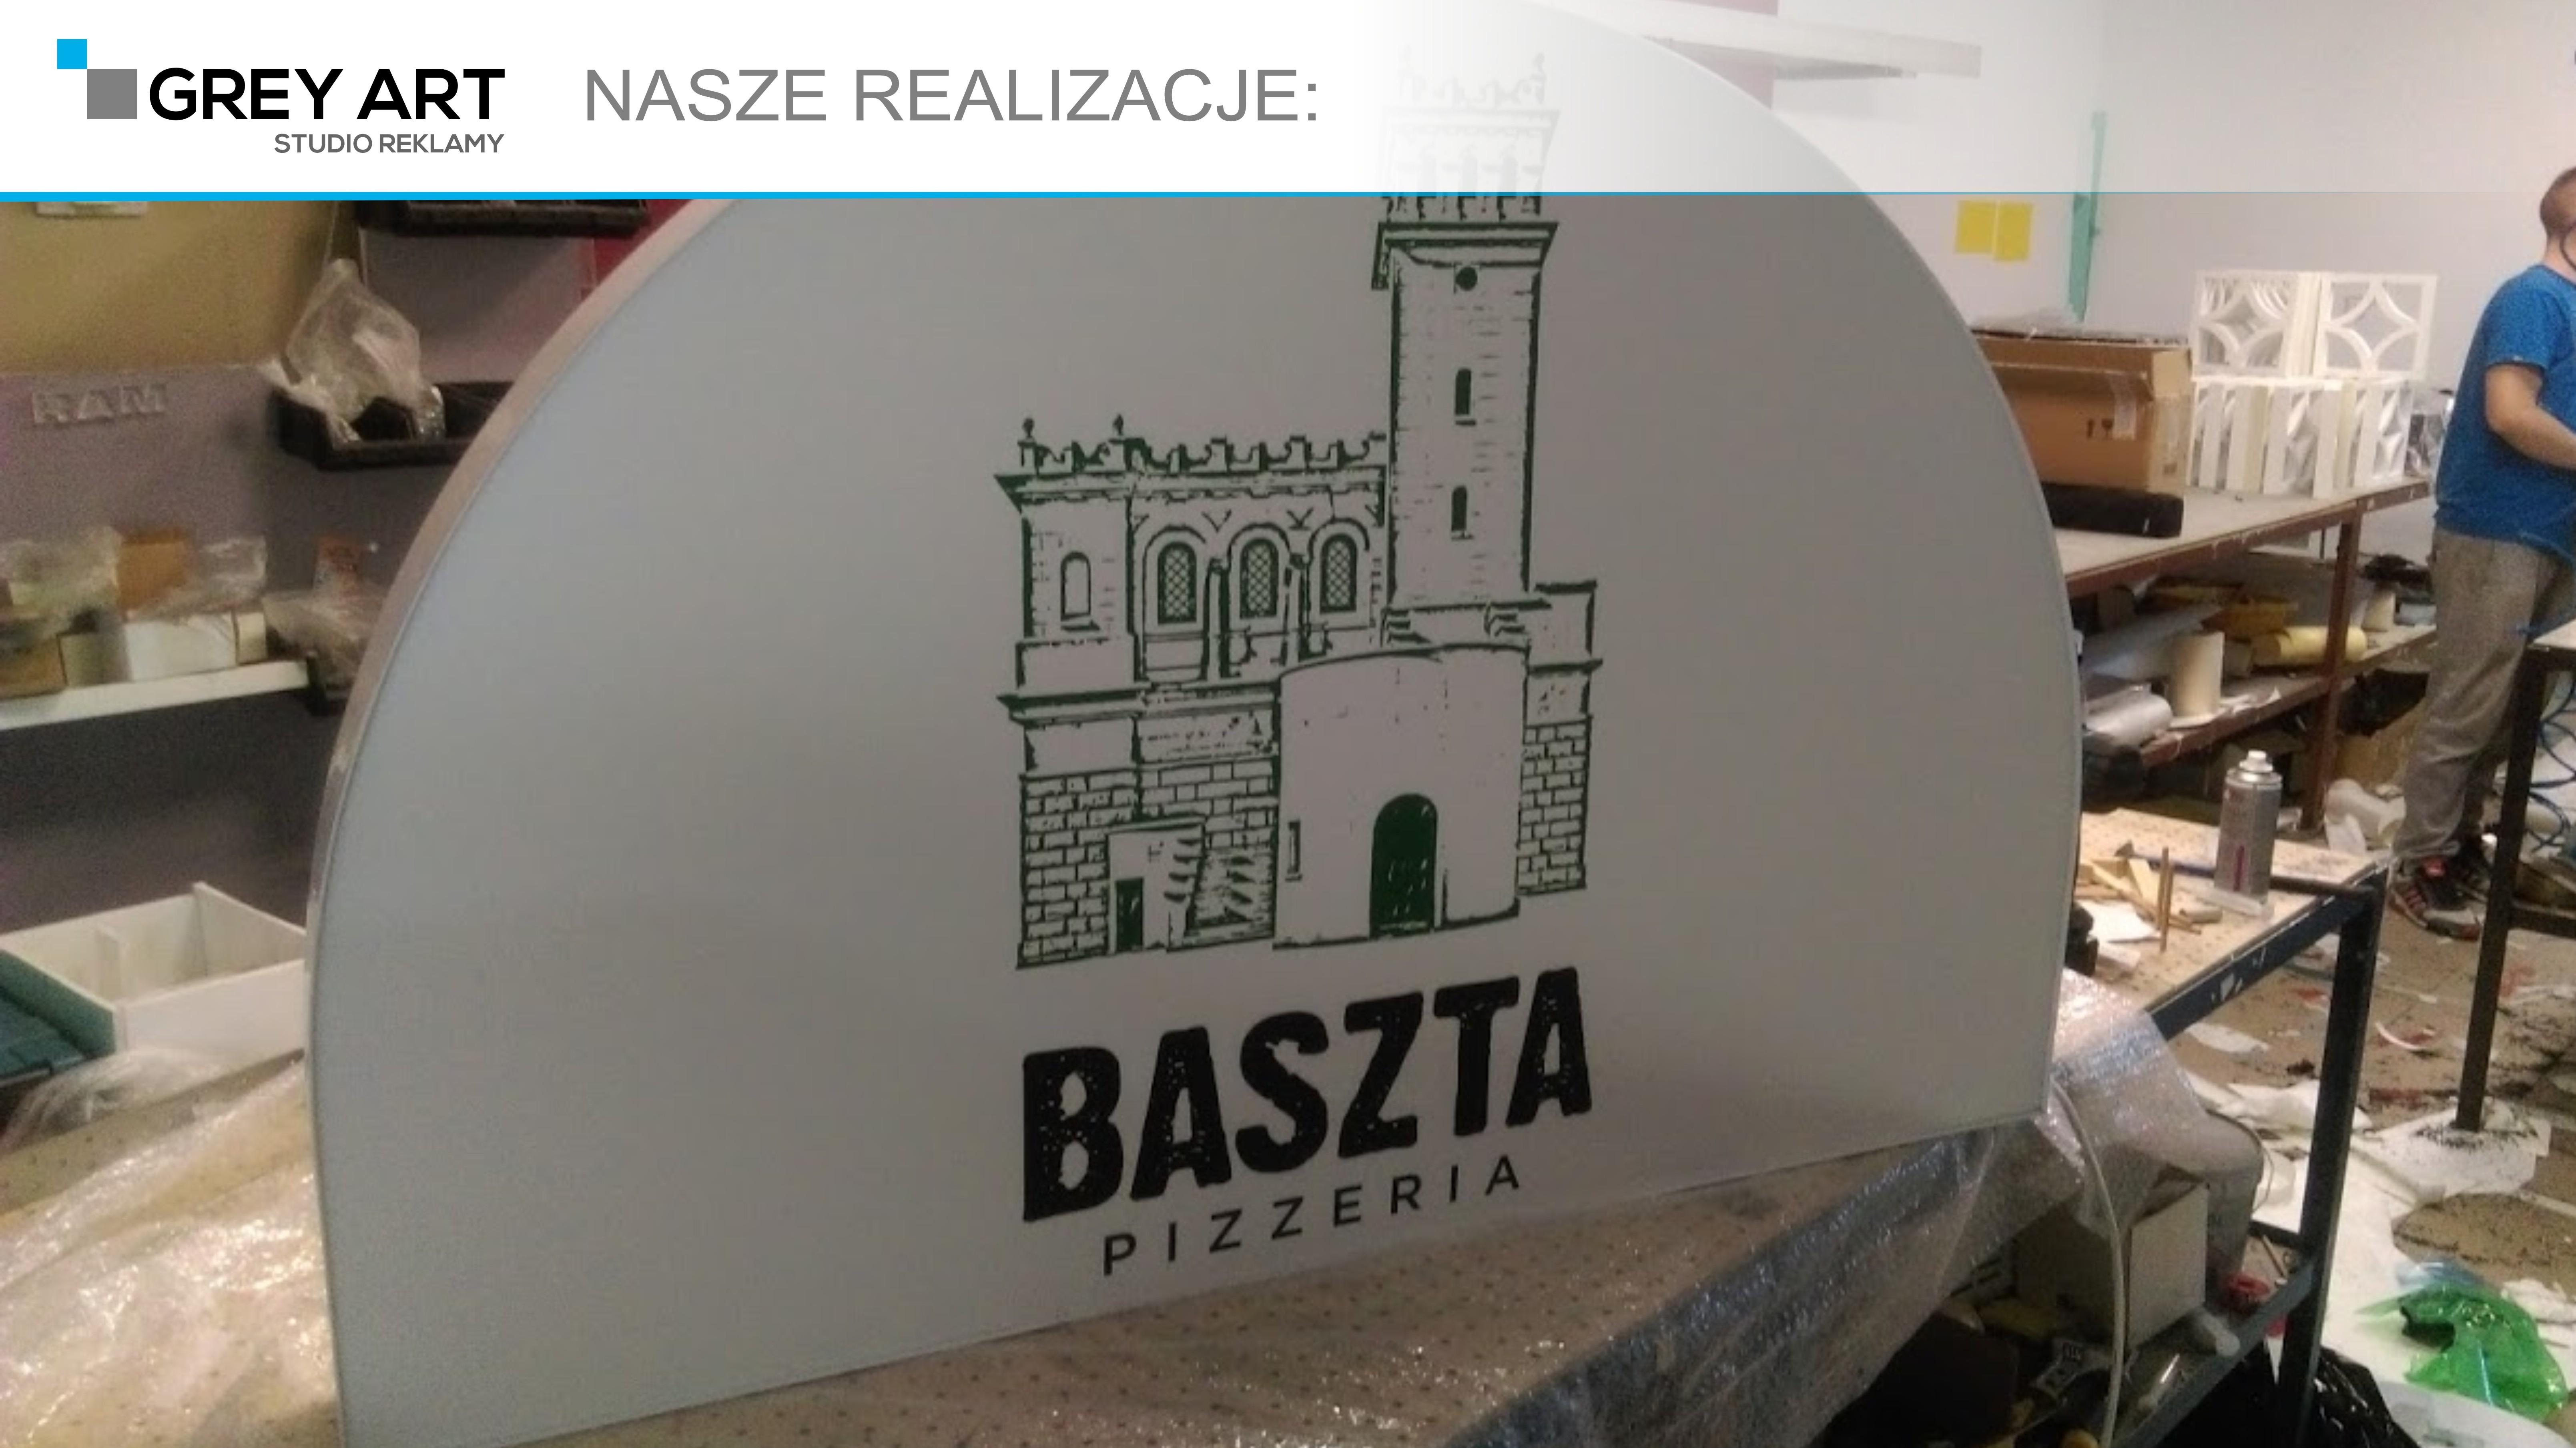 Kaseton – Baszta